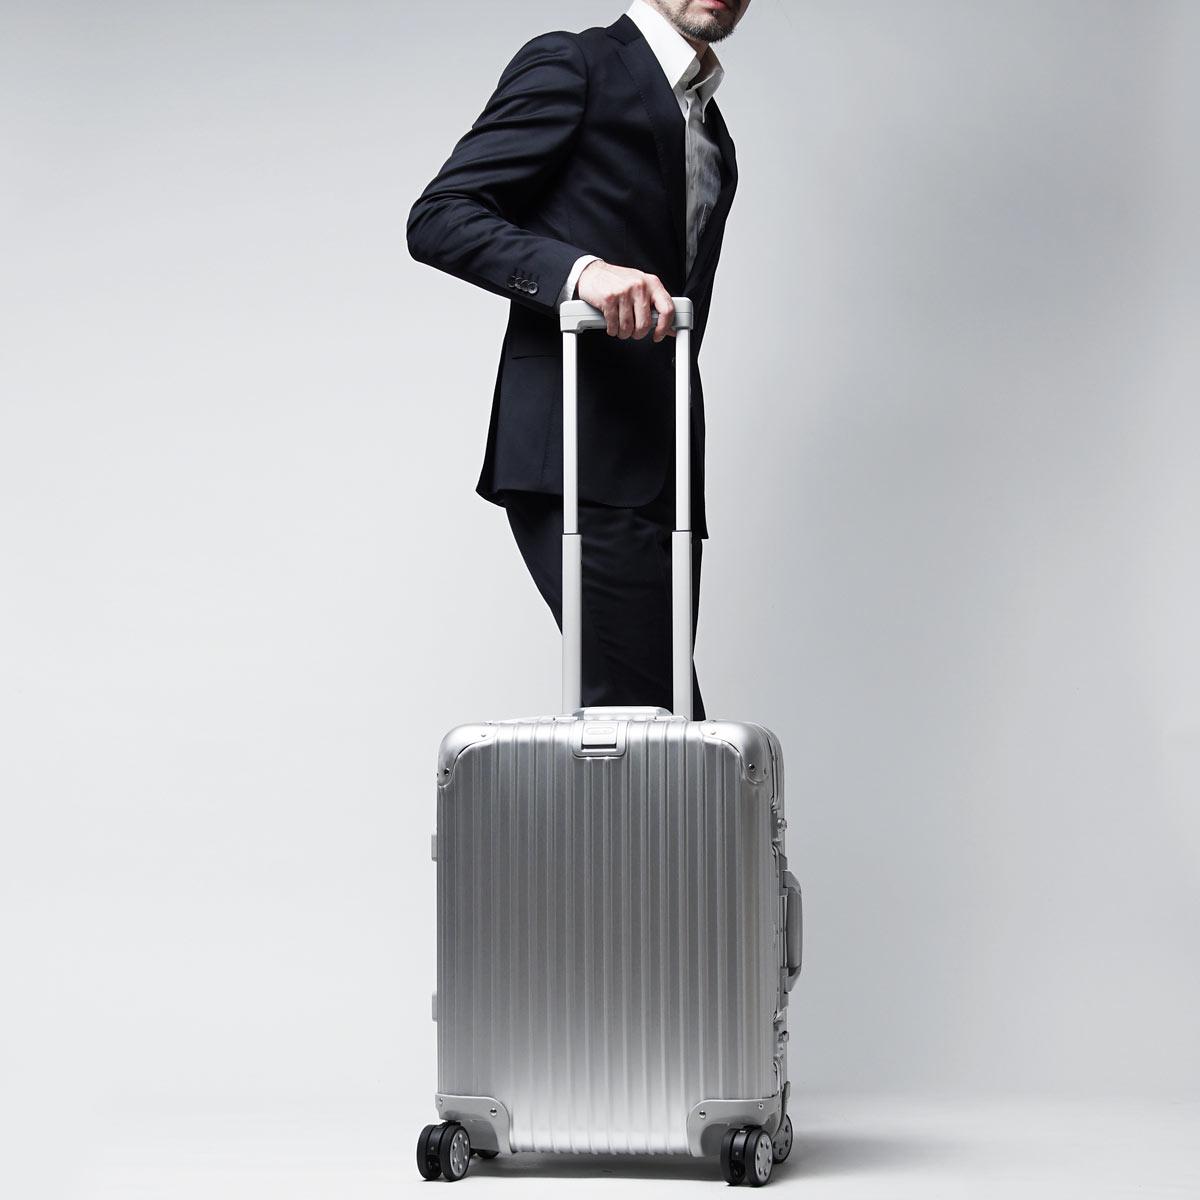 アルミ製スーツケースの相場は10万円以上にも